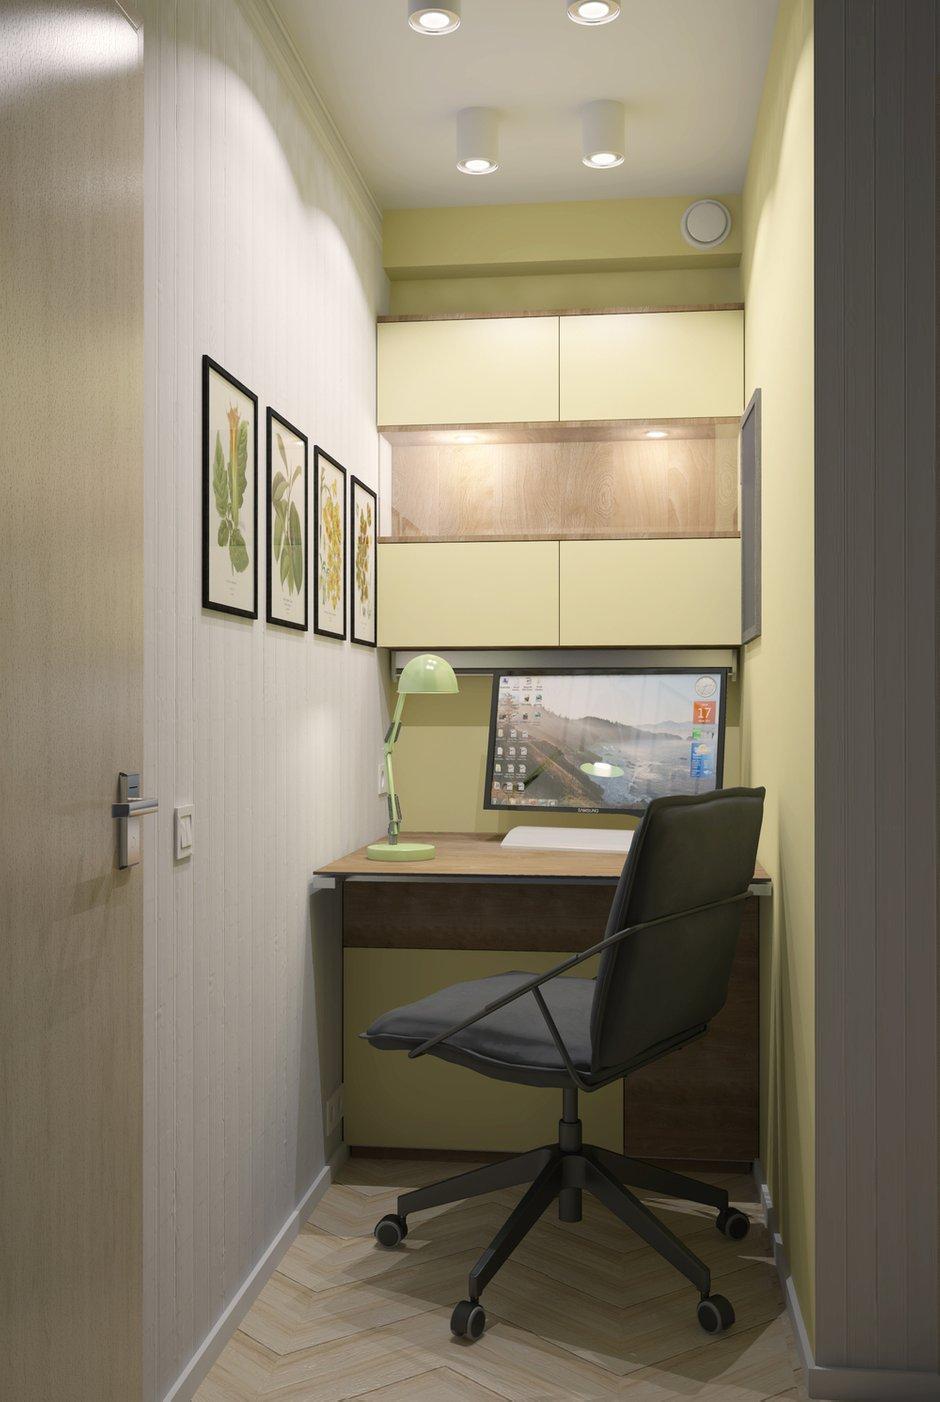 Фотография: Офис в стиле Современный, Малогабаритная квартира, Квартира, Дома и квартиры, Перепланировка – фото на INMYROOM